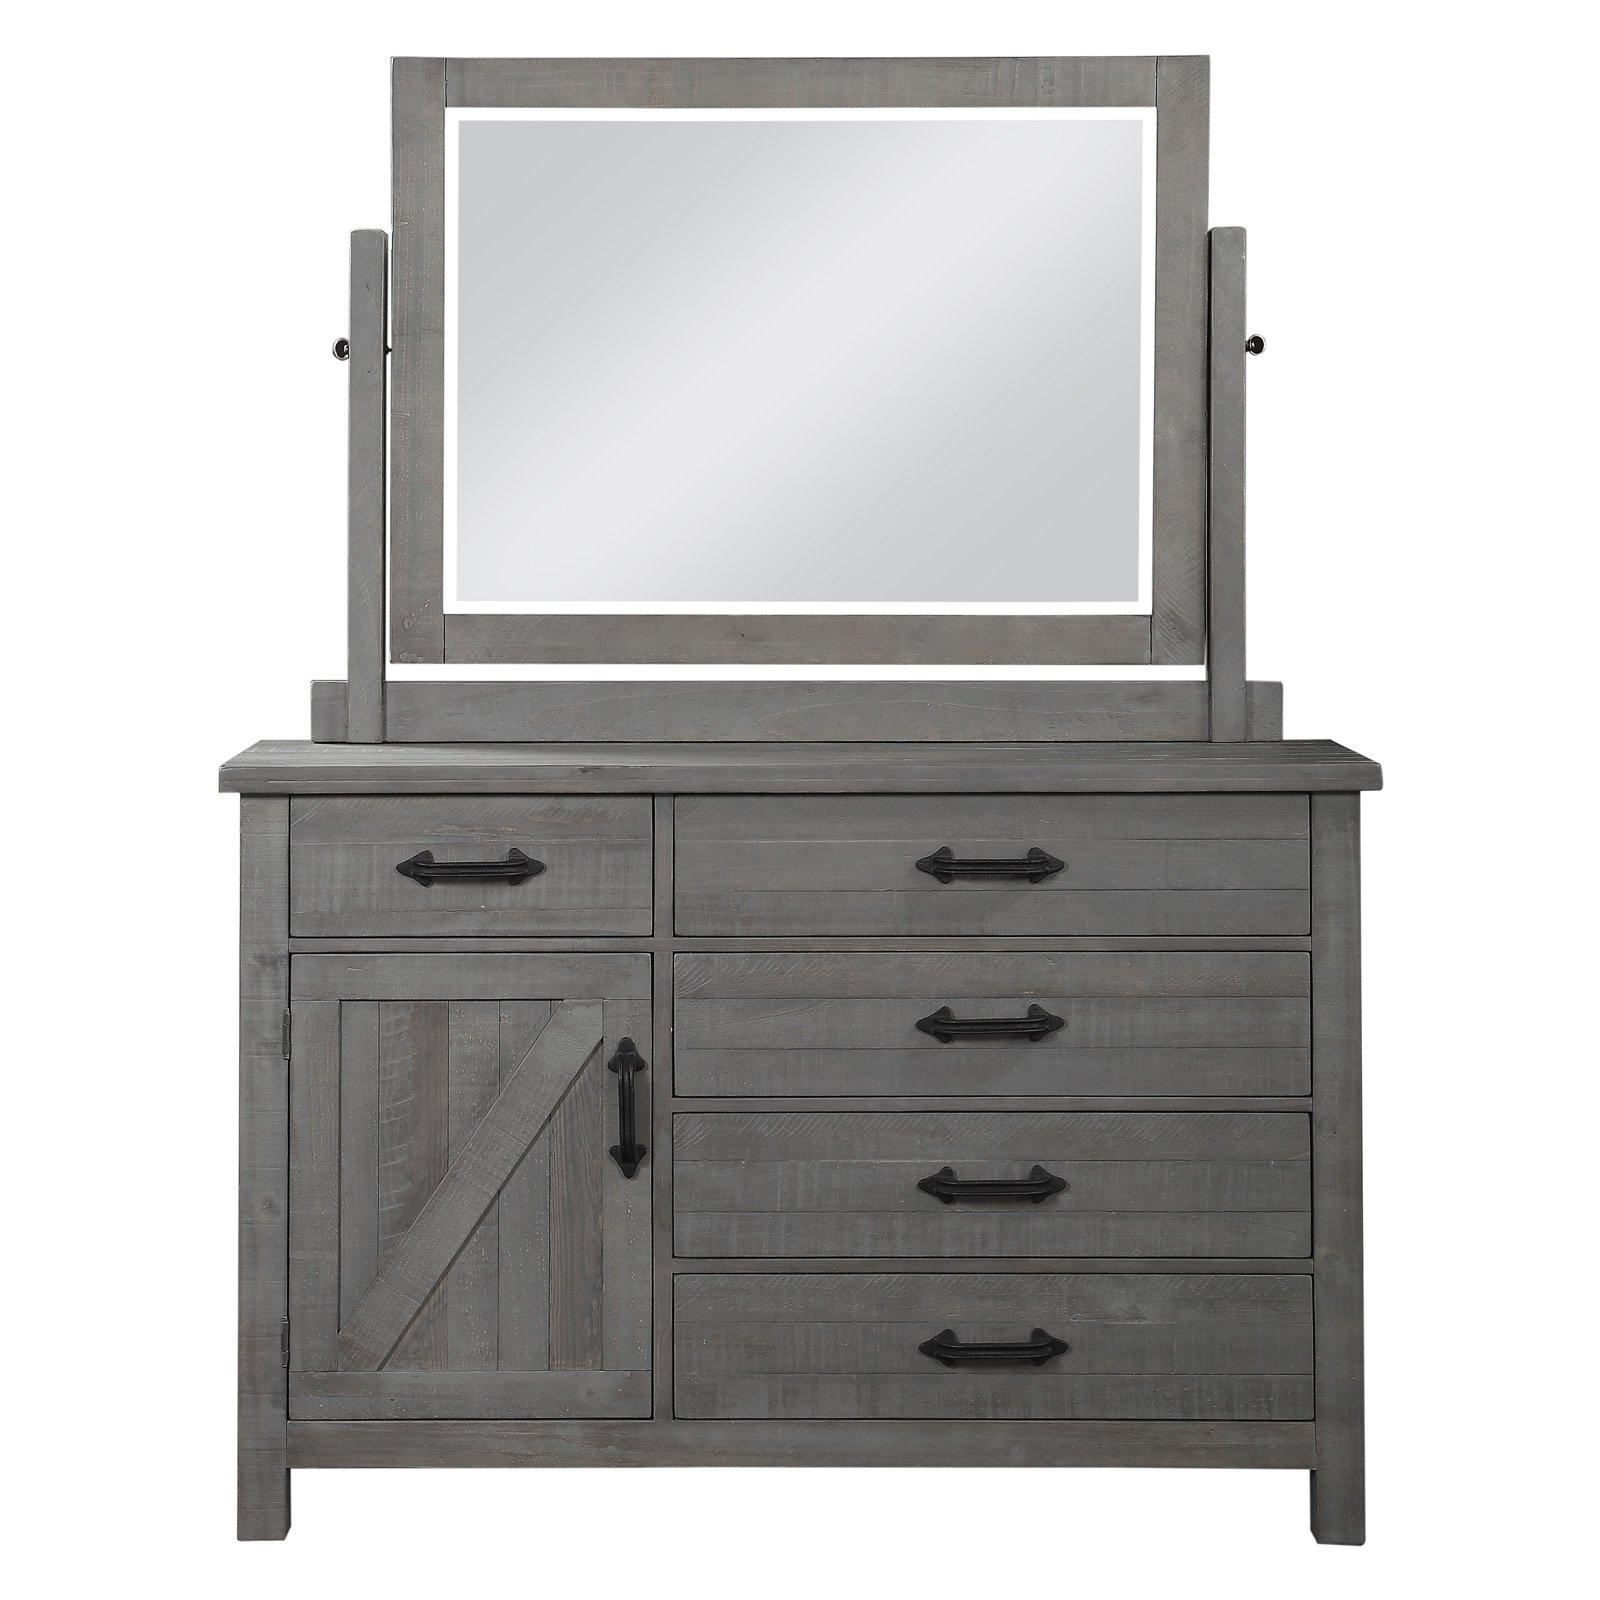 Modus Austin 5-Drawer Dresser with Optional Mirror